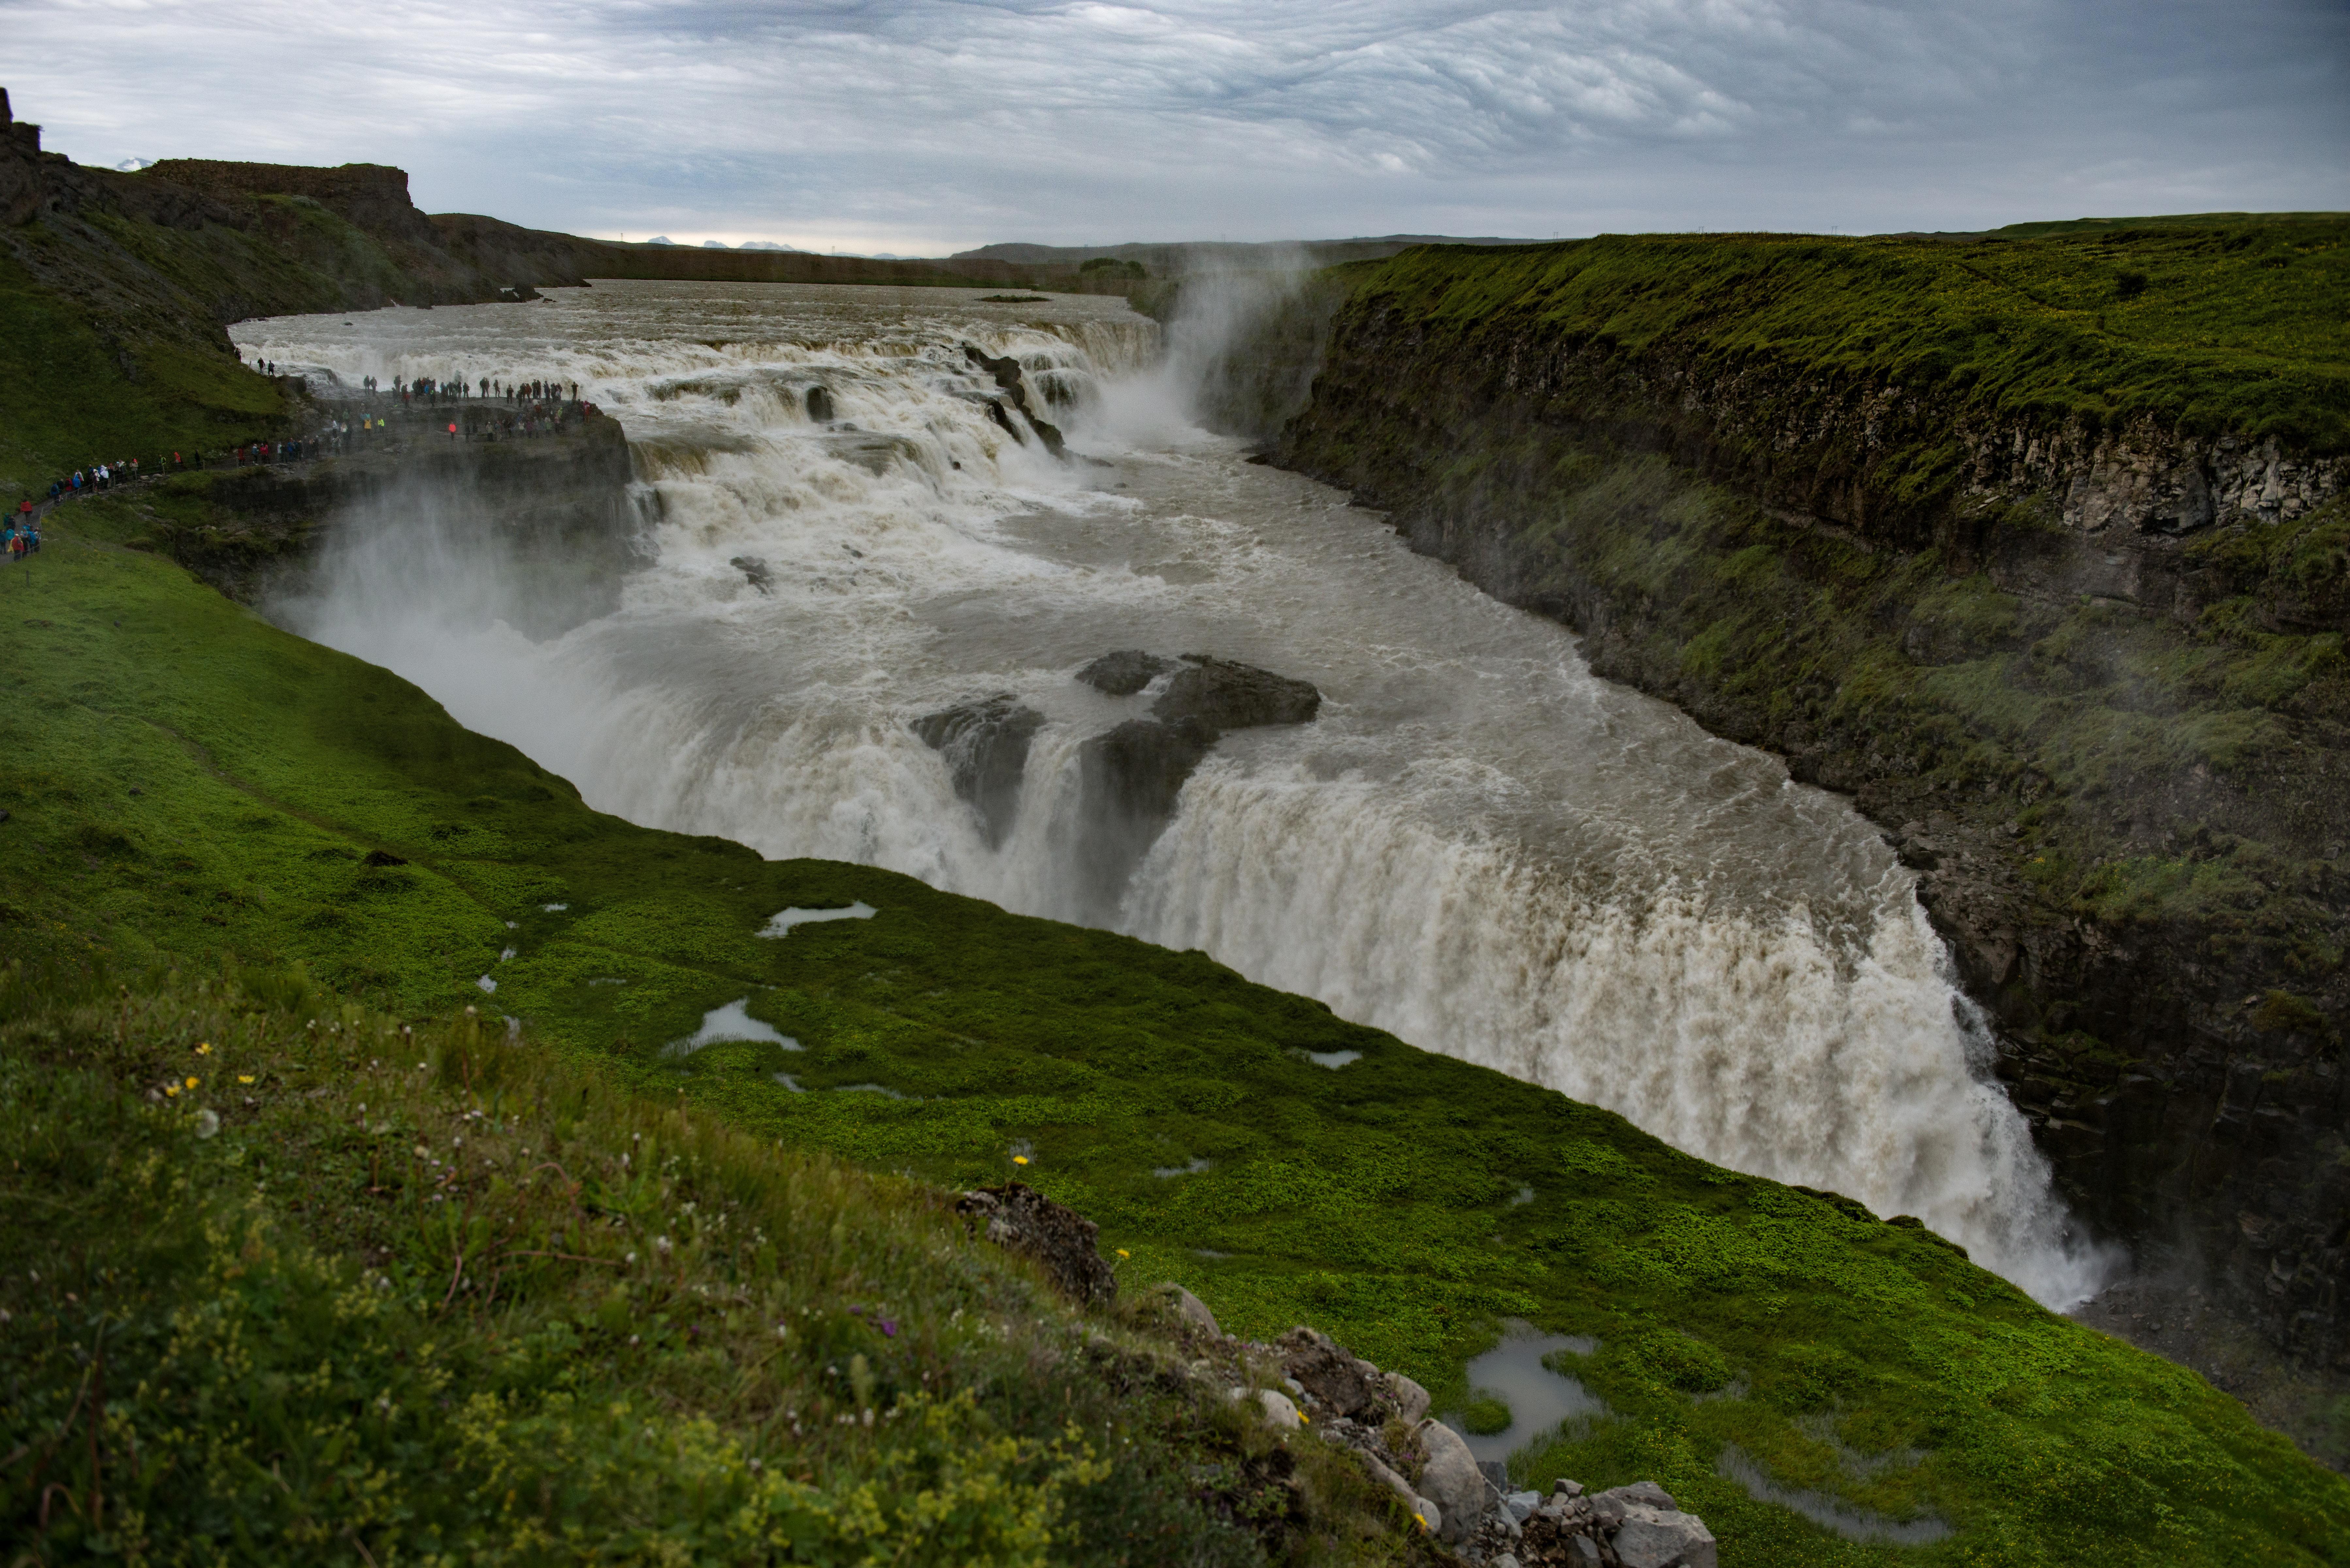 #gullfoss, #safety, #waterfall, #iceland, #hvita, #tourism, #powerful, #nature